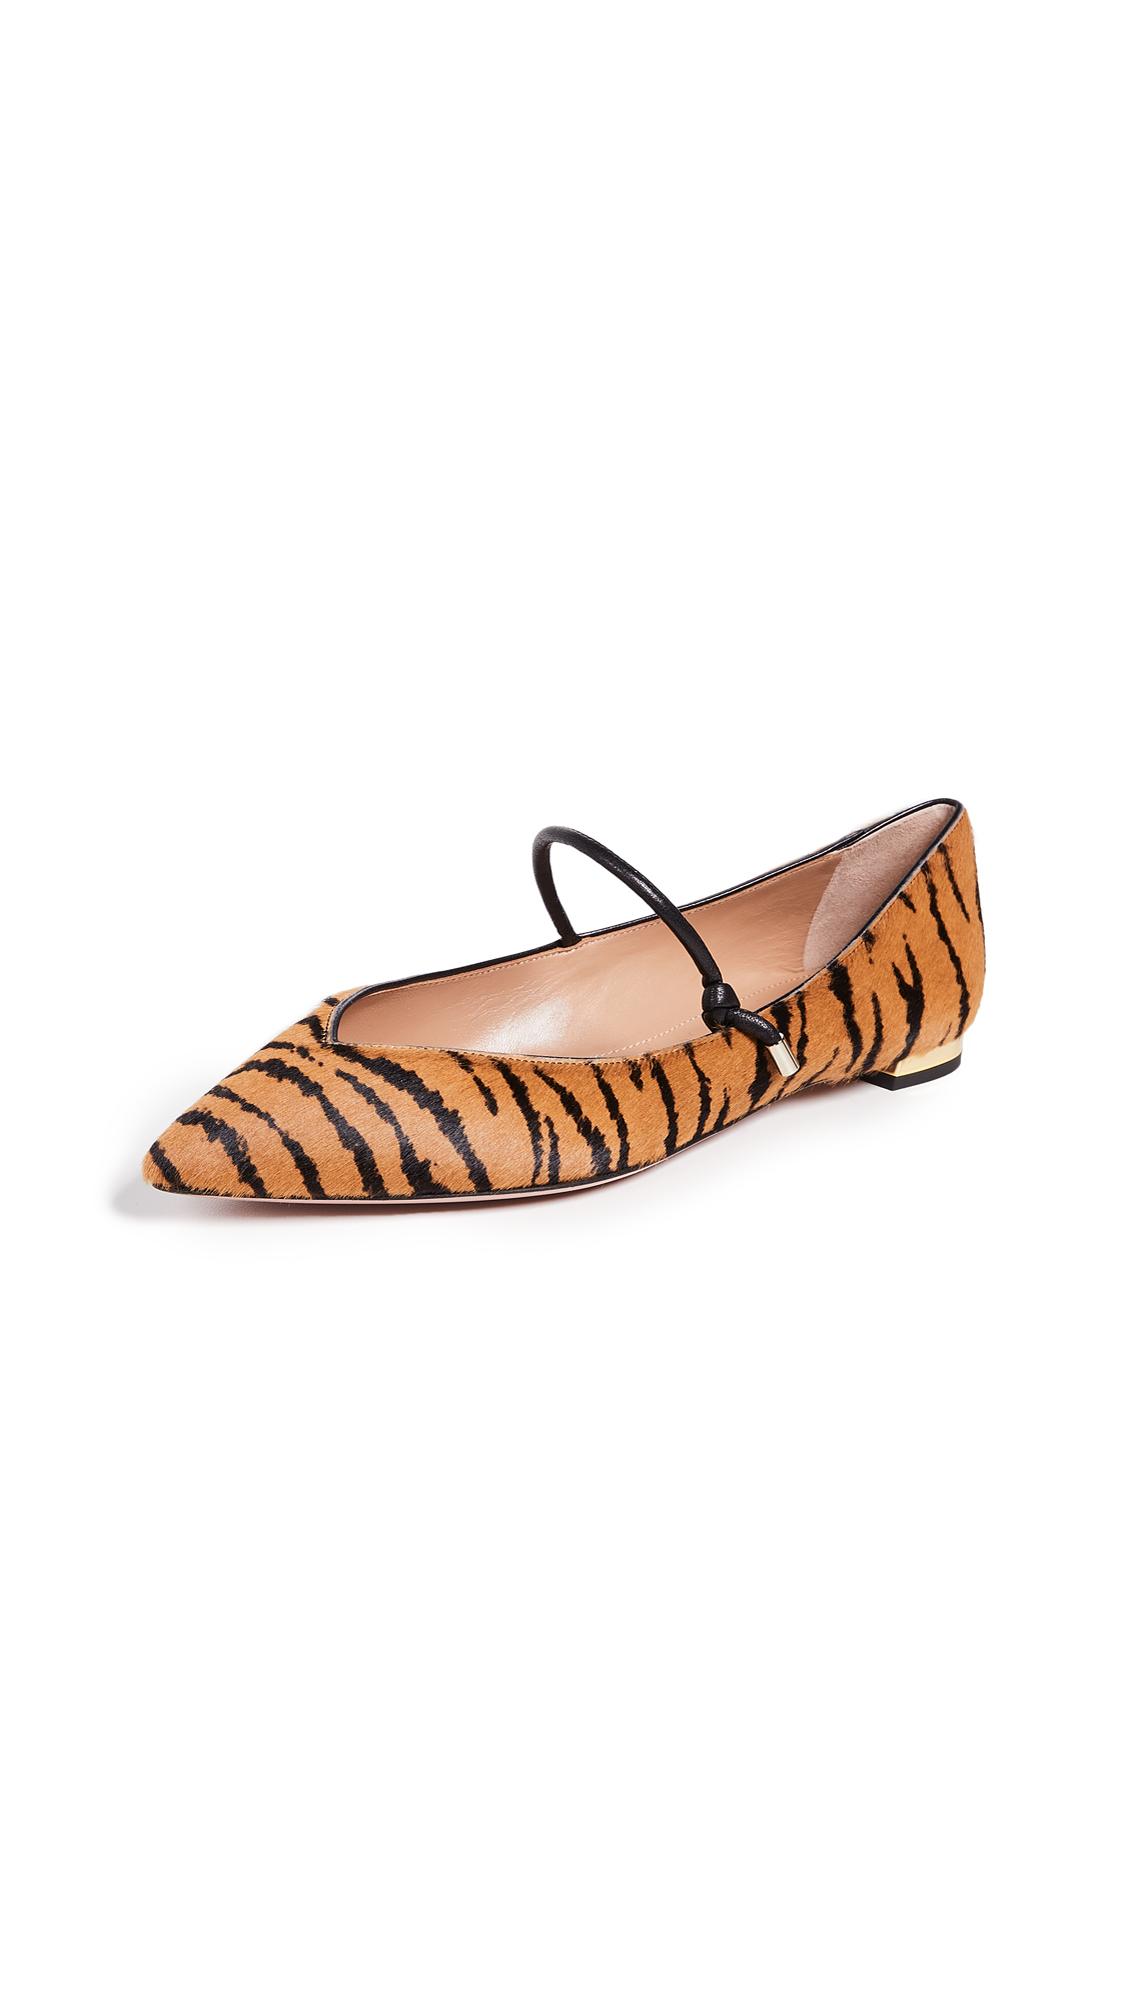 Aquazzura Stylist Ballet Flats - Tiger/Black